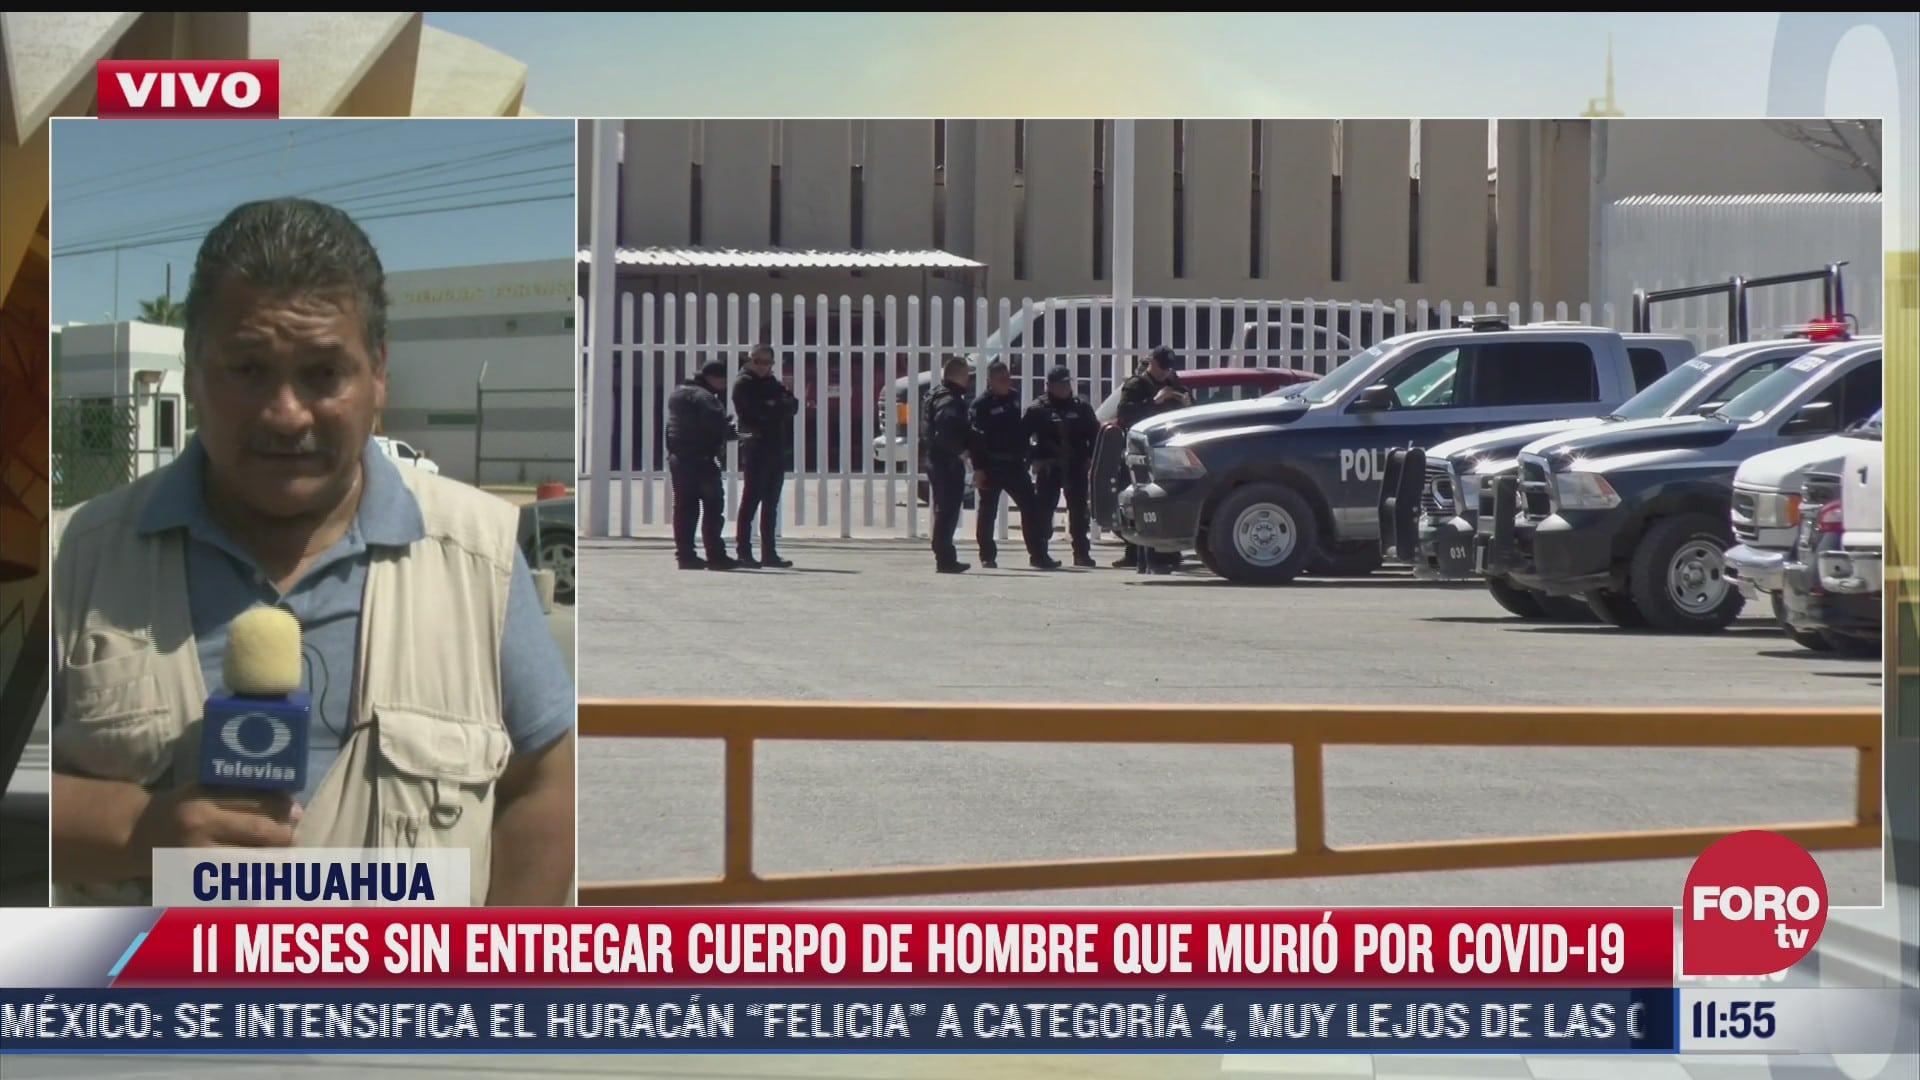 autoridades de chihuahua tienen 11 meses sin entregar cuerpo de hombre que murio por covid